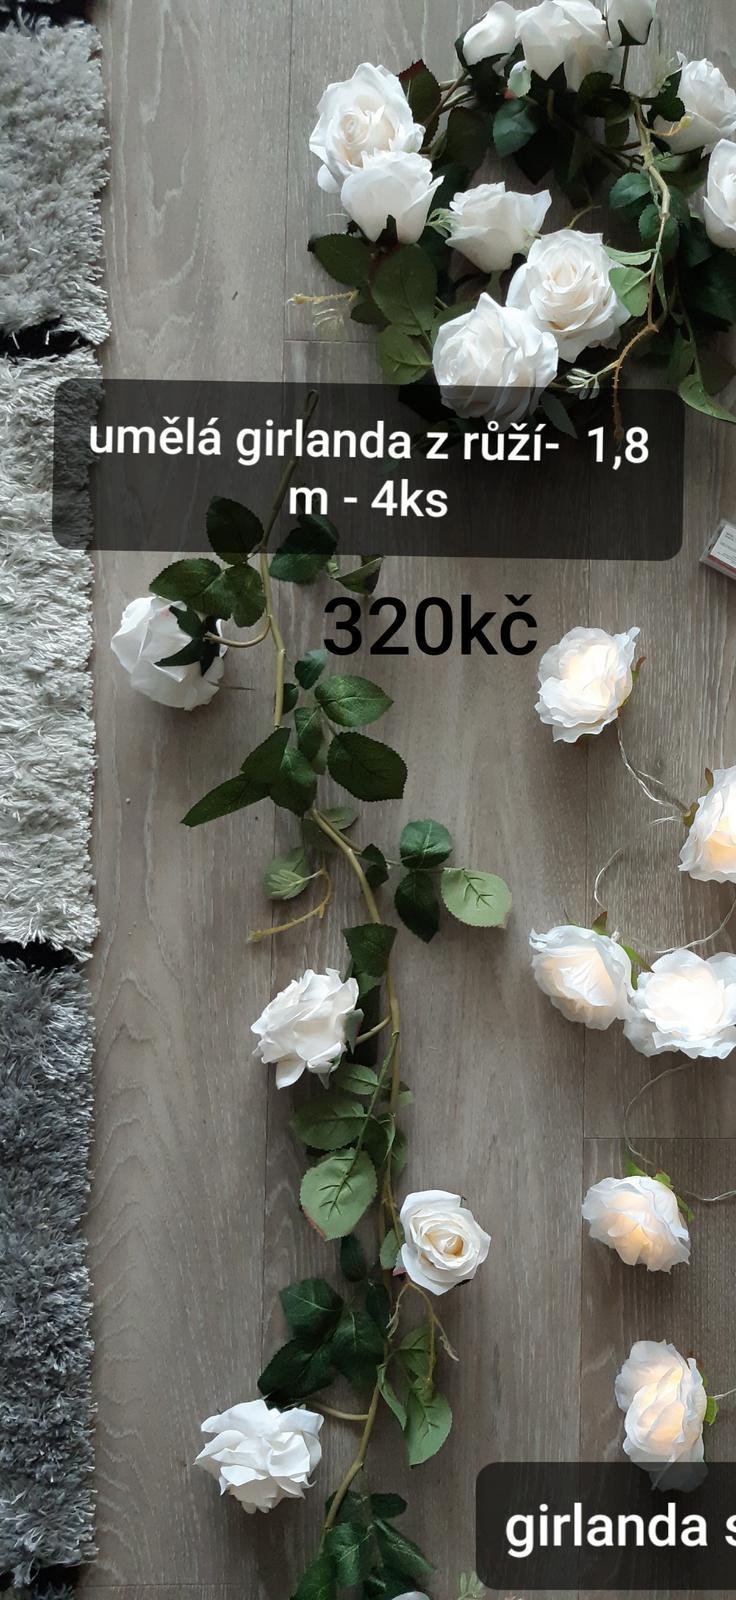 Umělé květinové girlandy 4ks - Obrázek č. 1